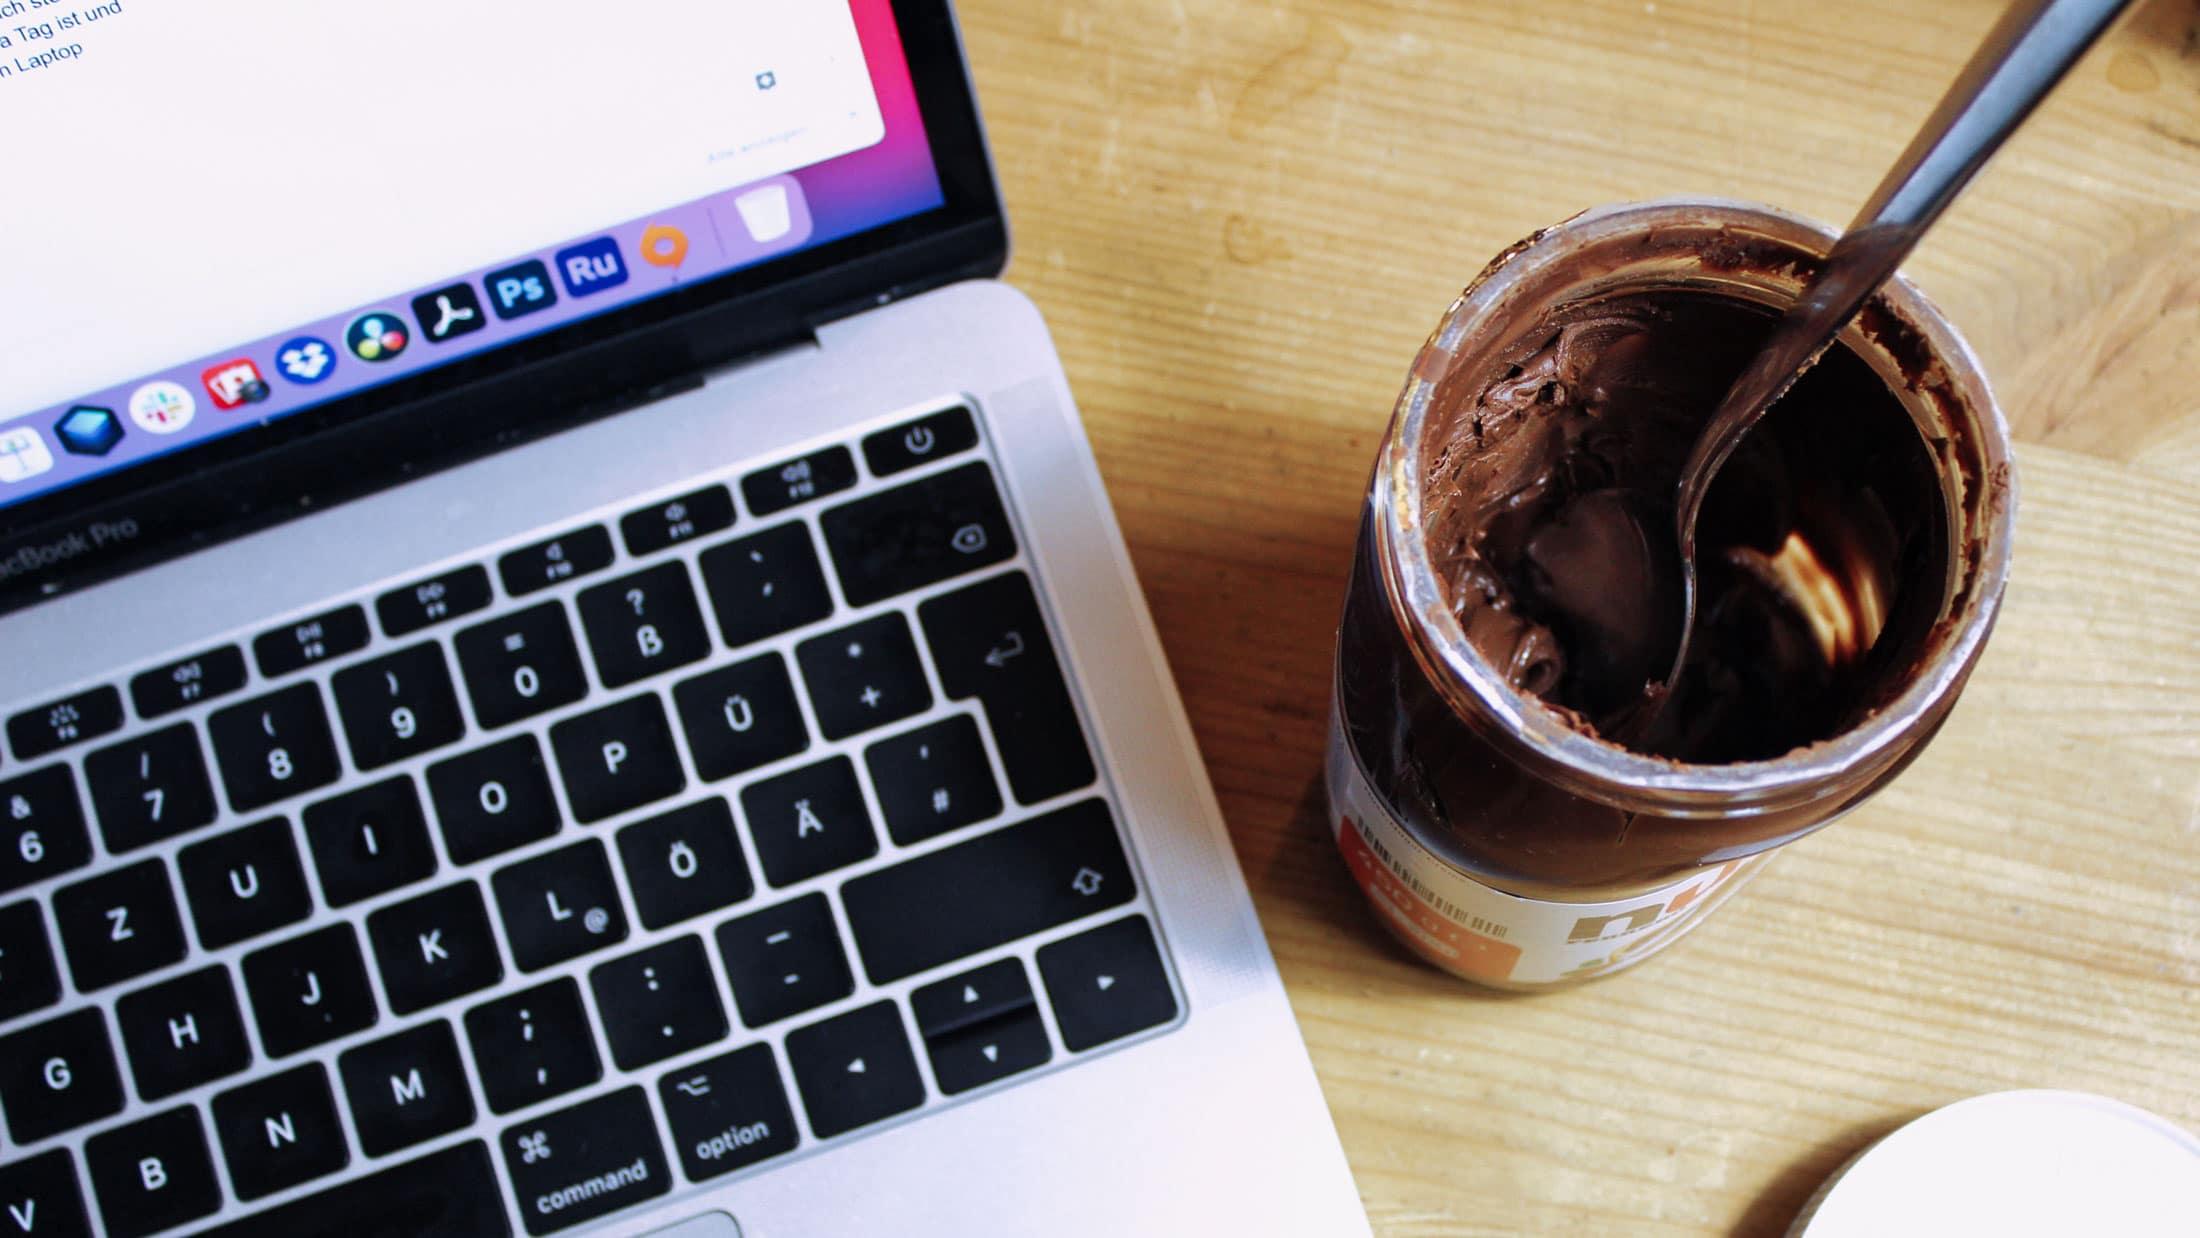 Bild von offenem Nutellaglas neben einem Laptop, von oben fotografiert. Aus dem Artikel: Nutella-Tage und Akzeptanz